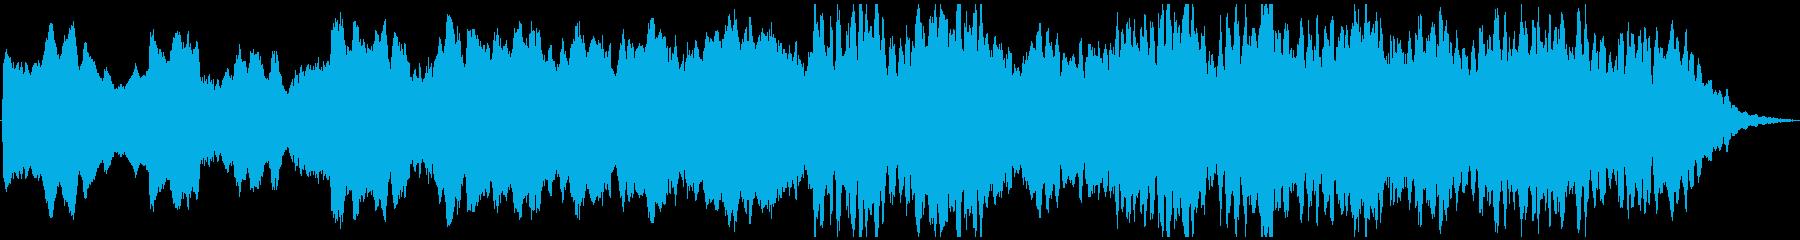 PADS ダークマター01の再生済みの波形